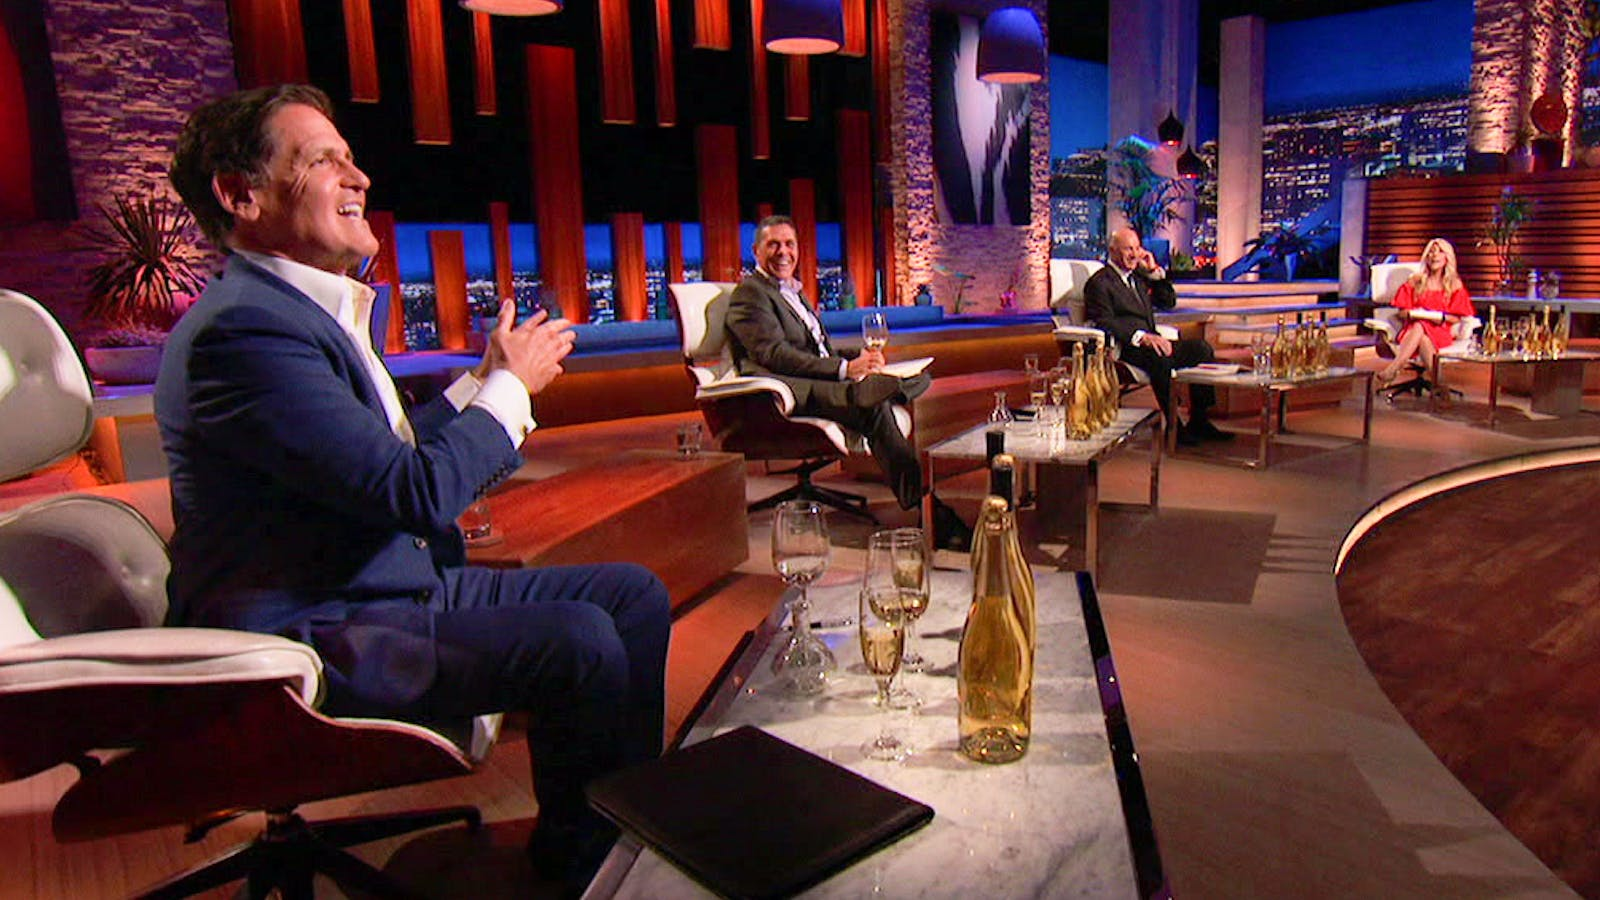 California Honey Wine Buzzes 'Shark Tank'